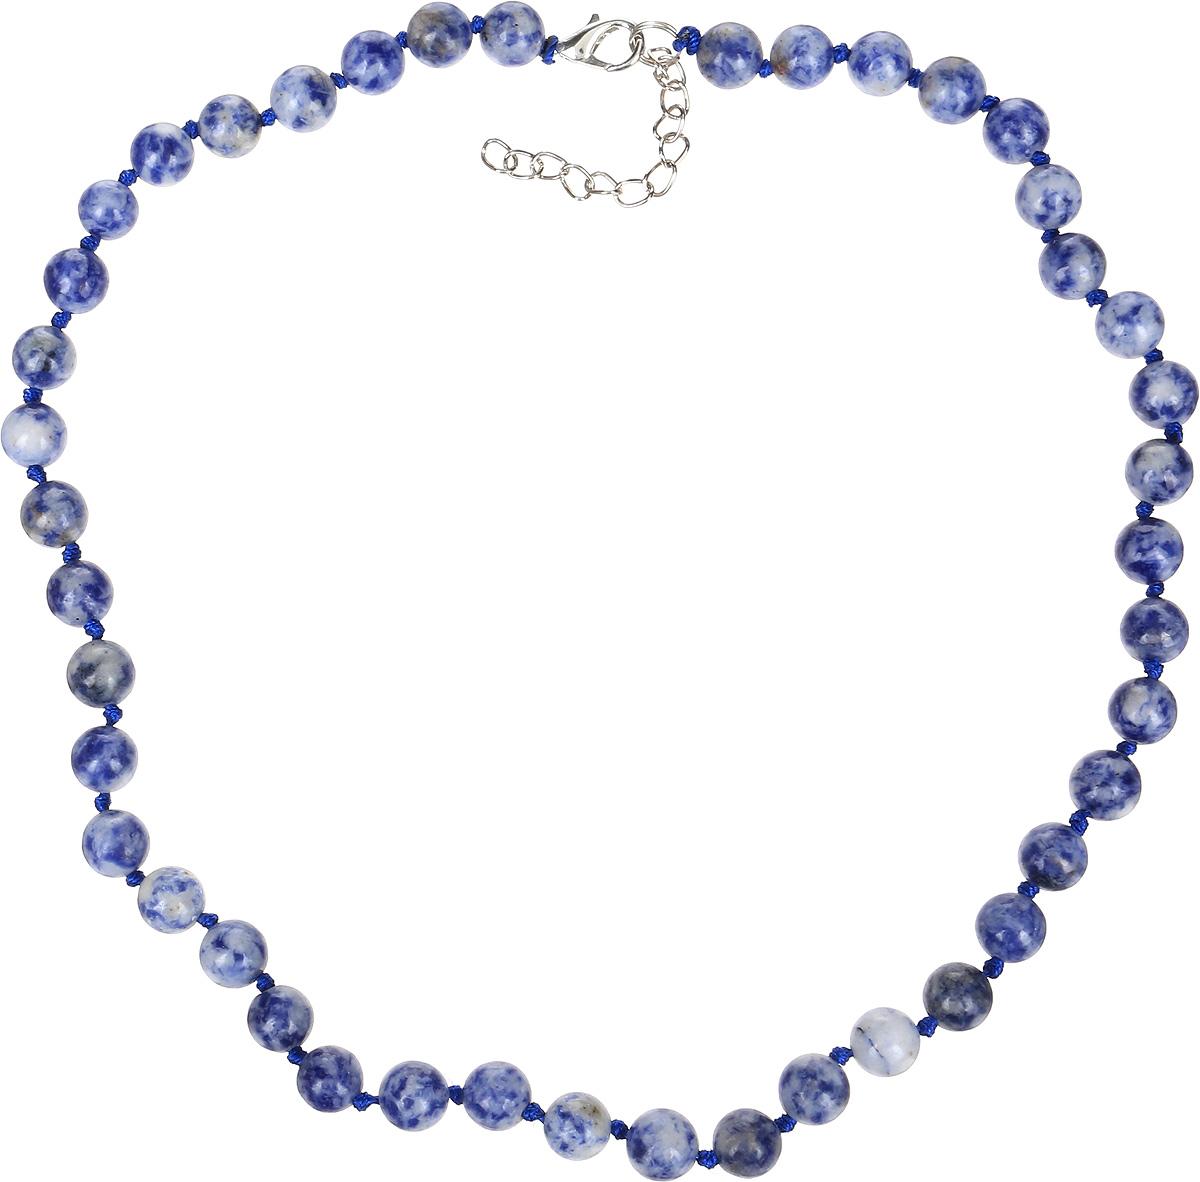 Бусы Револю Классика № 8, цвет: синий. НСД-1(8)-44-1НСД-1(8)-44-1Синий содалит - это камень очаровательный и эффектный. Он имеет цвет тёплого южного моря. Завораживающий цвет содалита особенно понравится обладательницам синих глаз - ведь с этим великолепным украшением, в котором сияет синий содалит, ваши прекрасные очи засияют, словно звёзды!